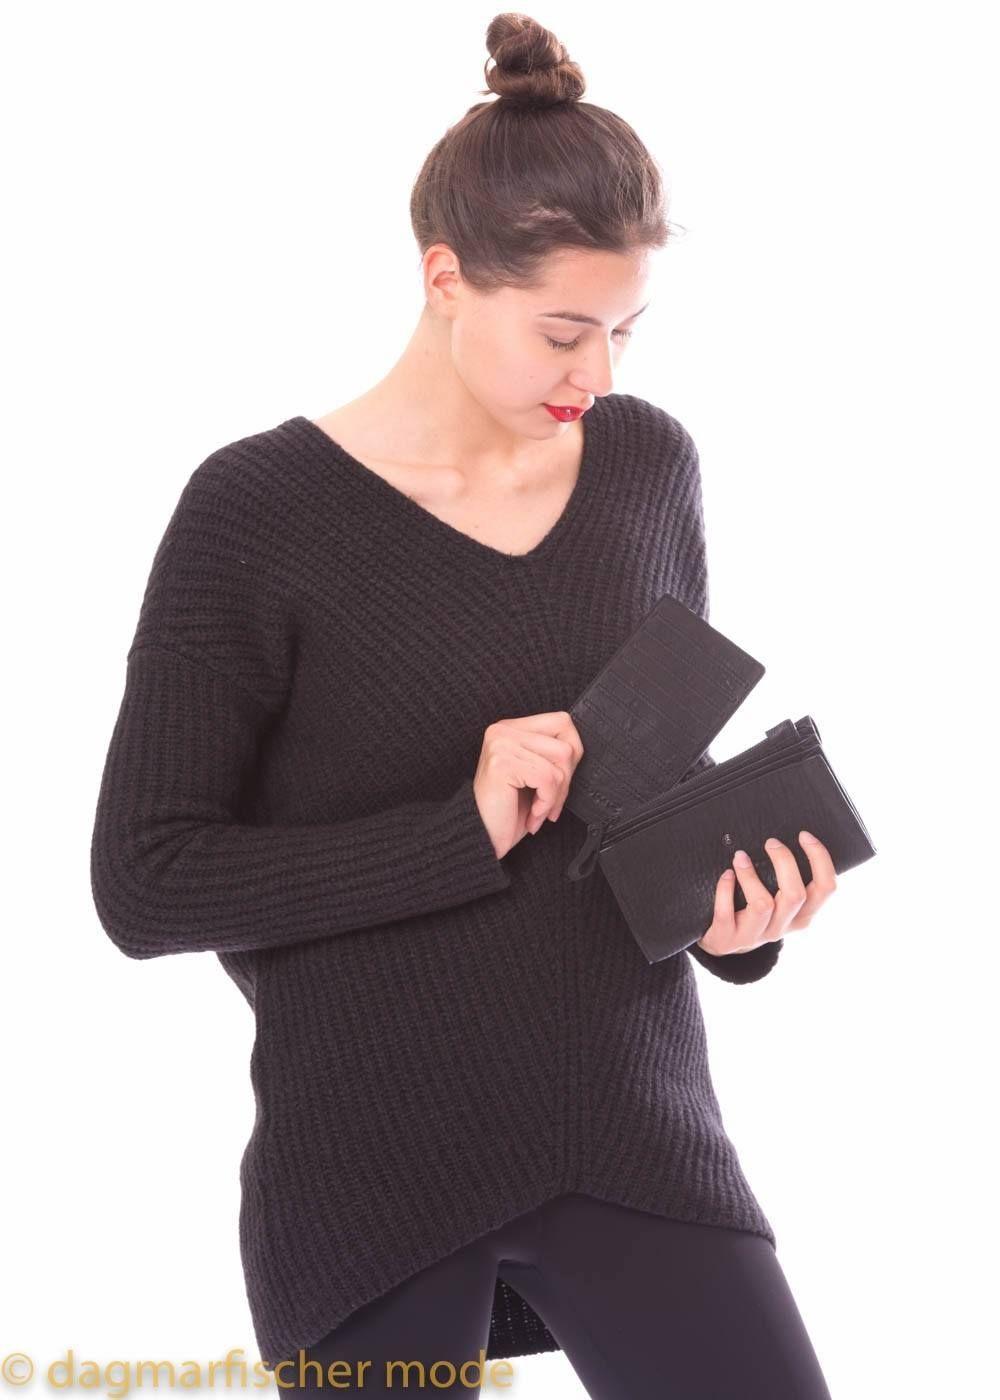 5d9cb99258 Portemonnaie Remy von annette görtz - dagmarfischer mode | Ausgefallene  Designer Mode - Online kaufen